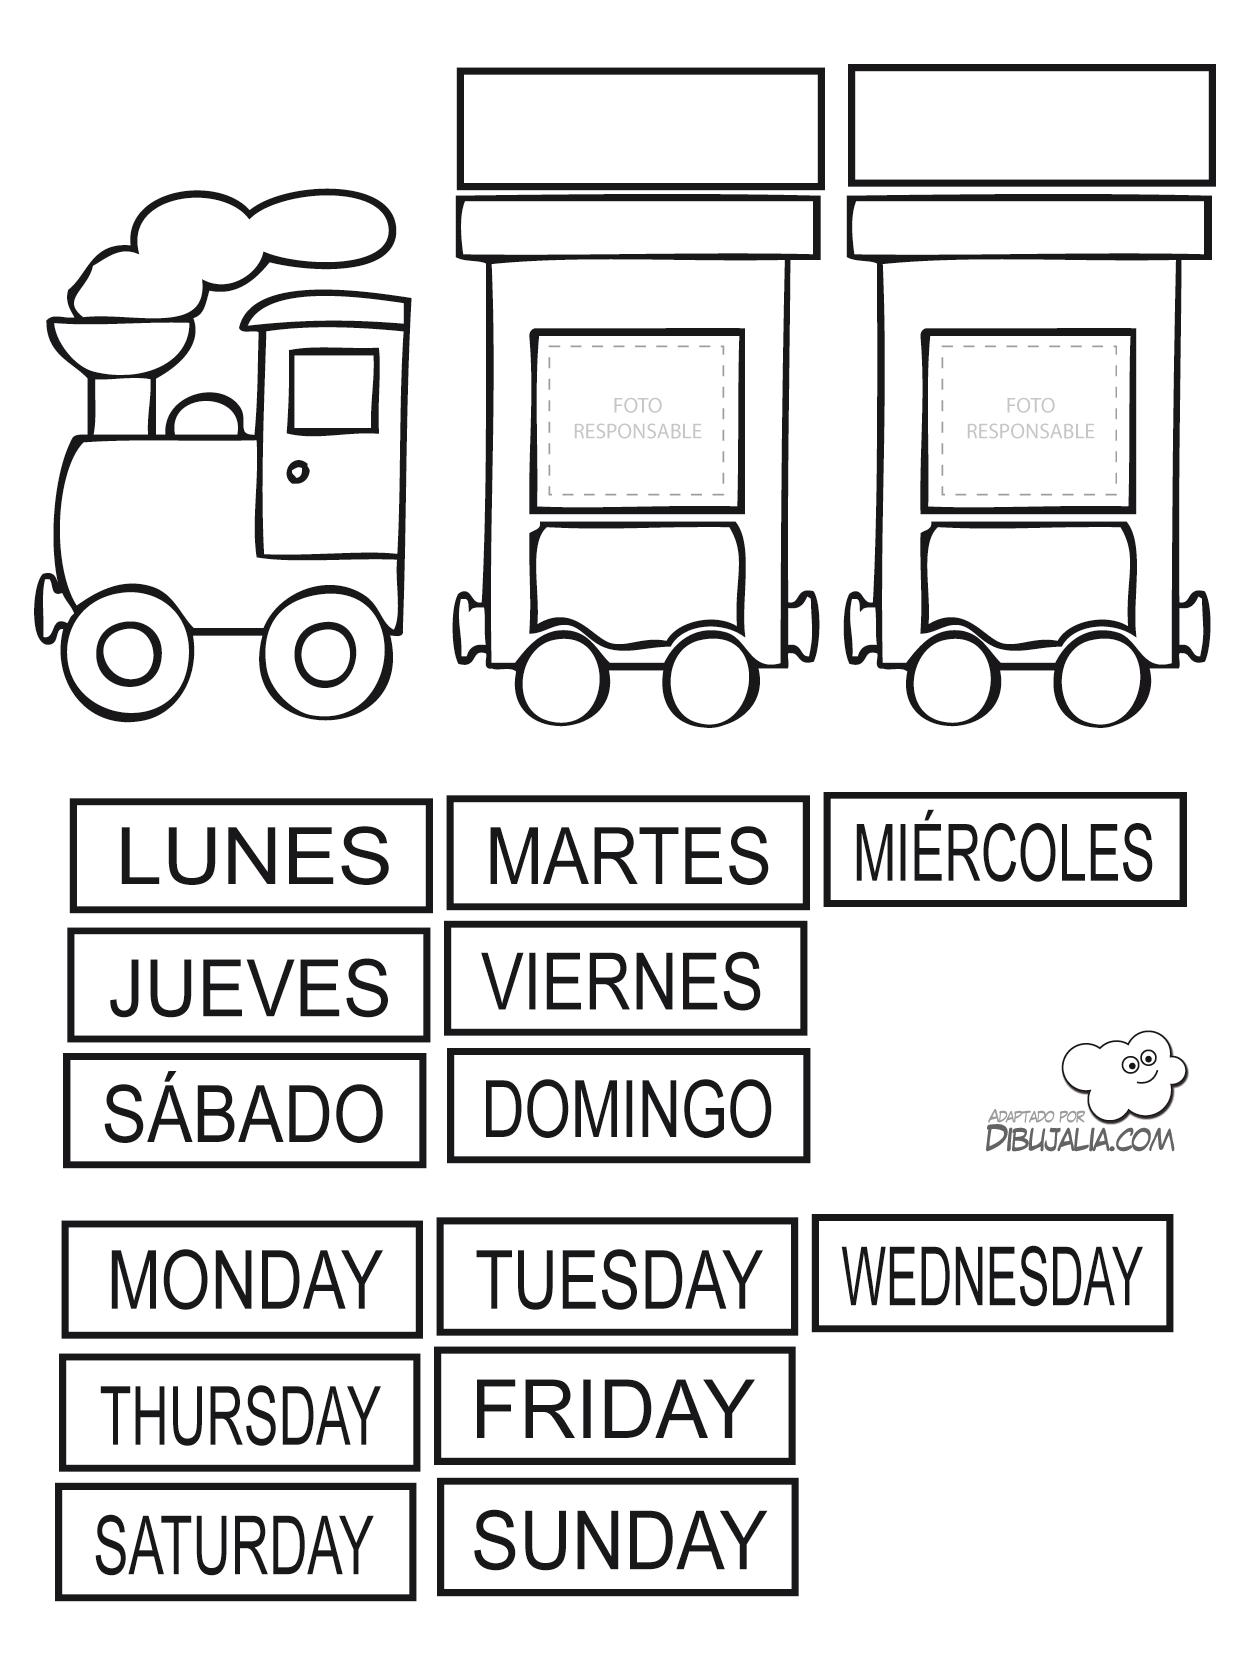 Tren dias semana y responsable  PATRONES Y DIBUJOS  Pinterest